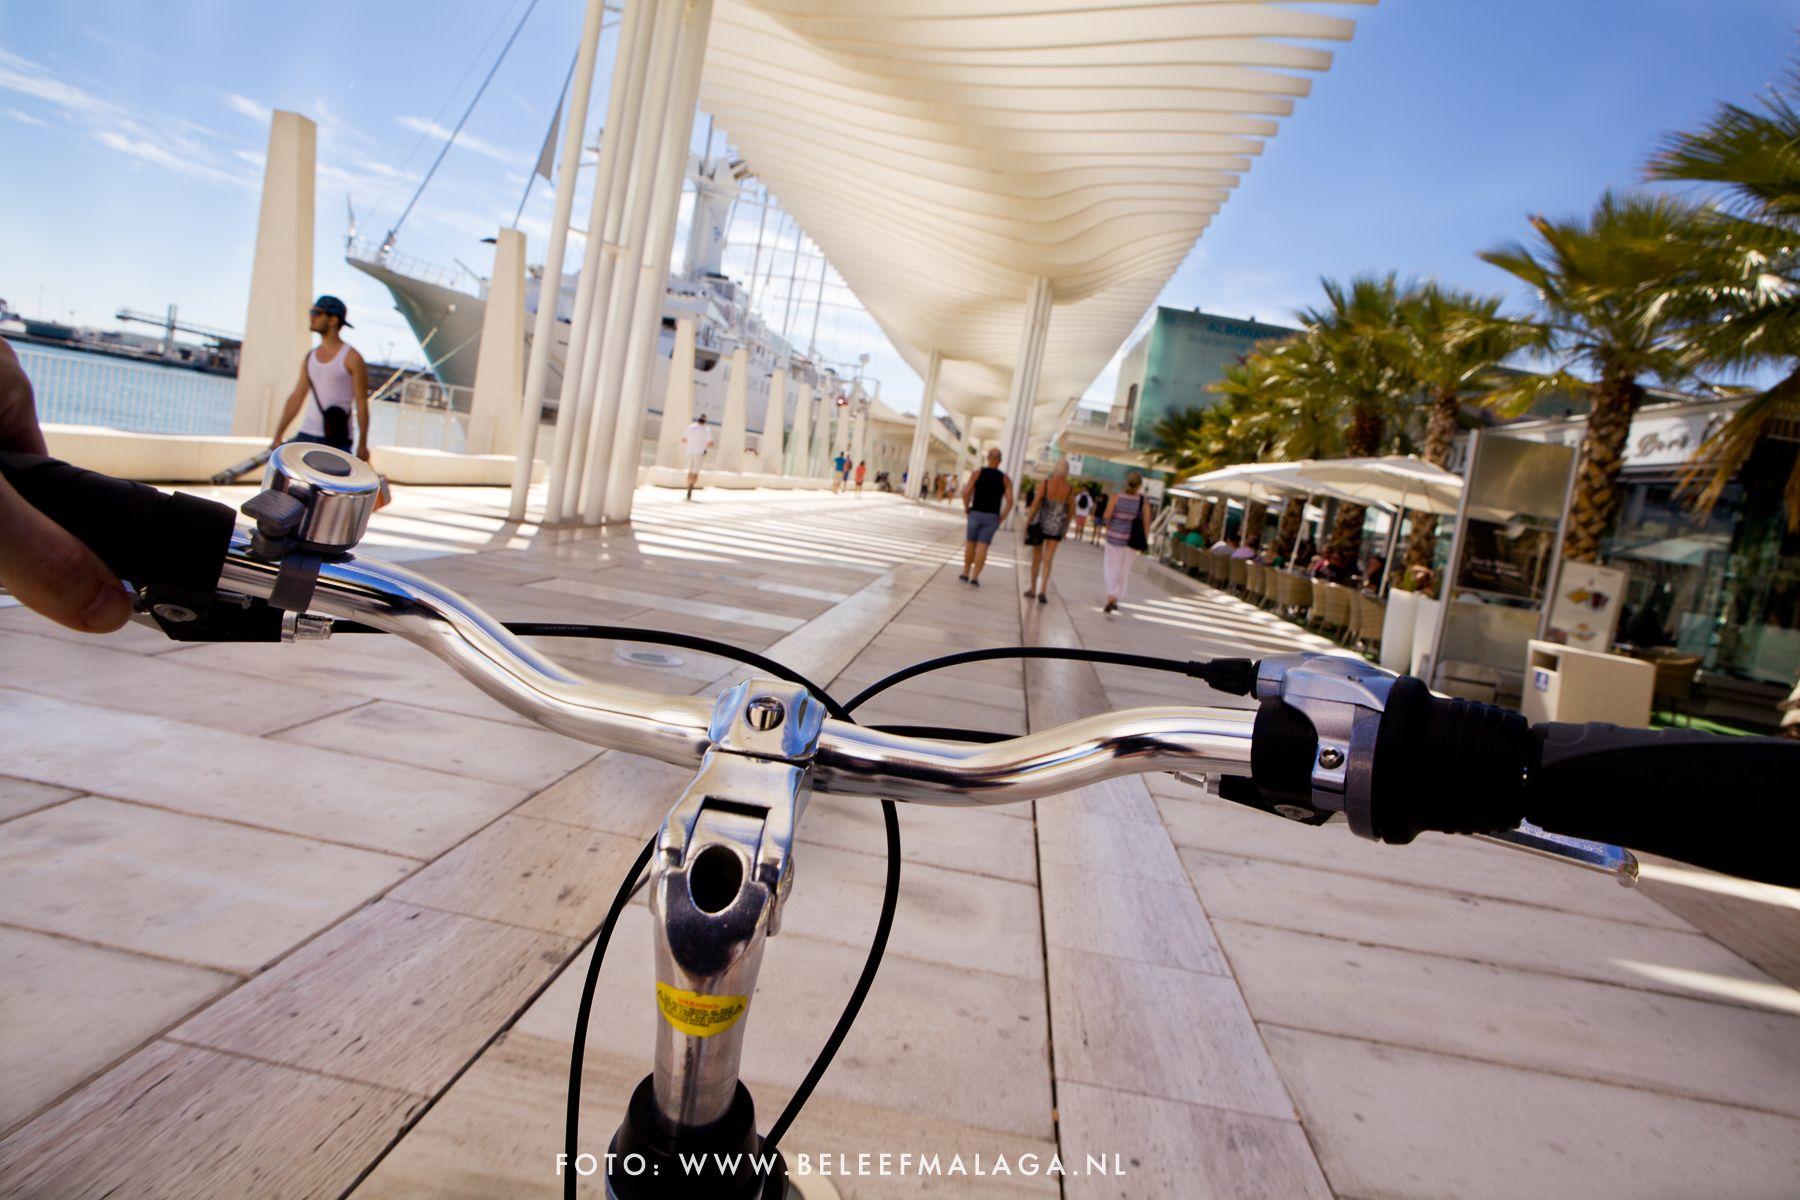 Heerlijk! Op het gemak lekker fietsen over de boulevard en langs de stranden van #Malaga